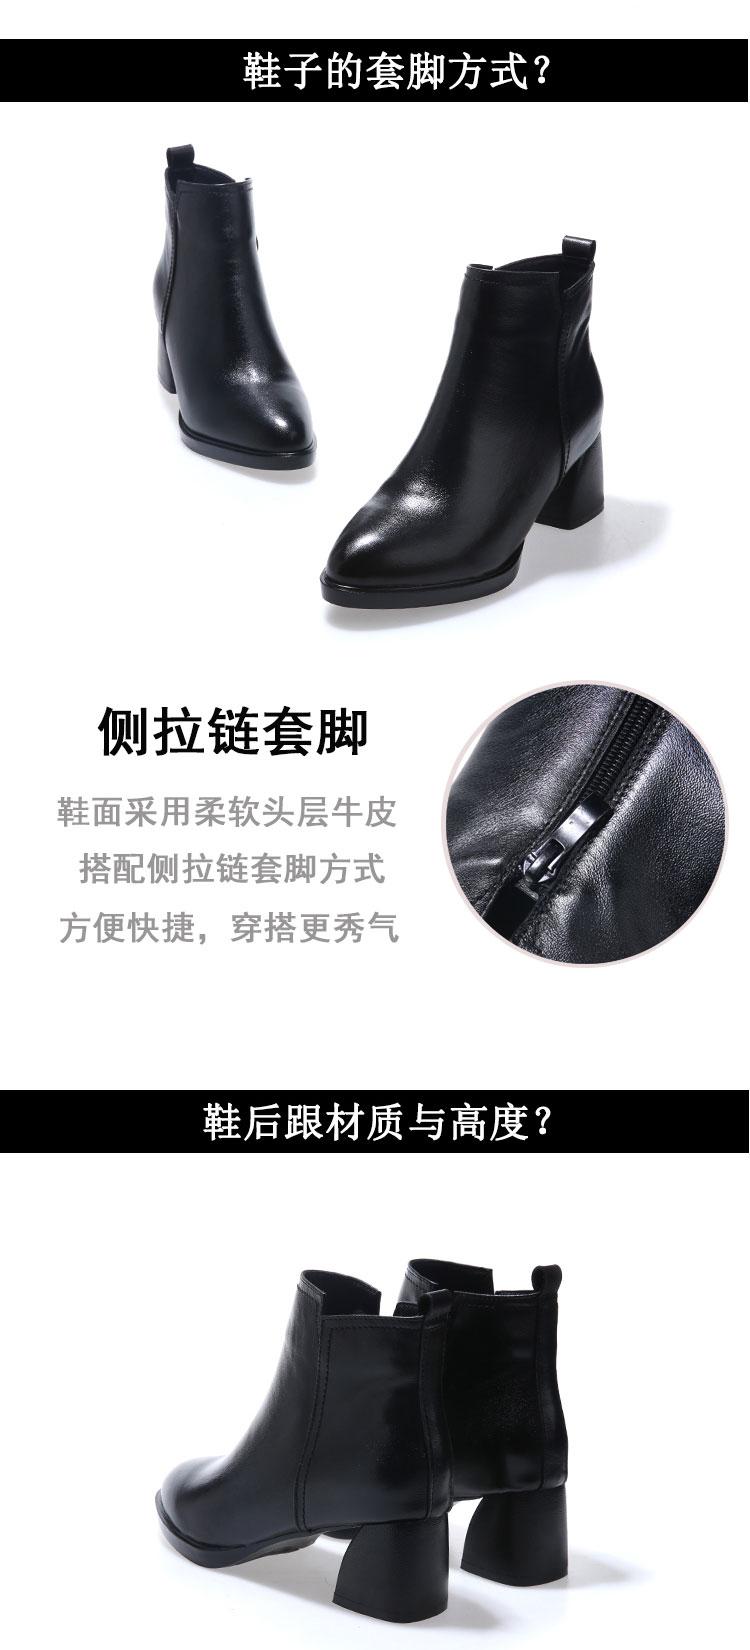 皮鞋女新款秋冬季中跟真皮小短靴百搭女鞋粗跟马丁靴春秋靴子详细照片